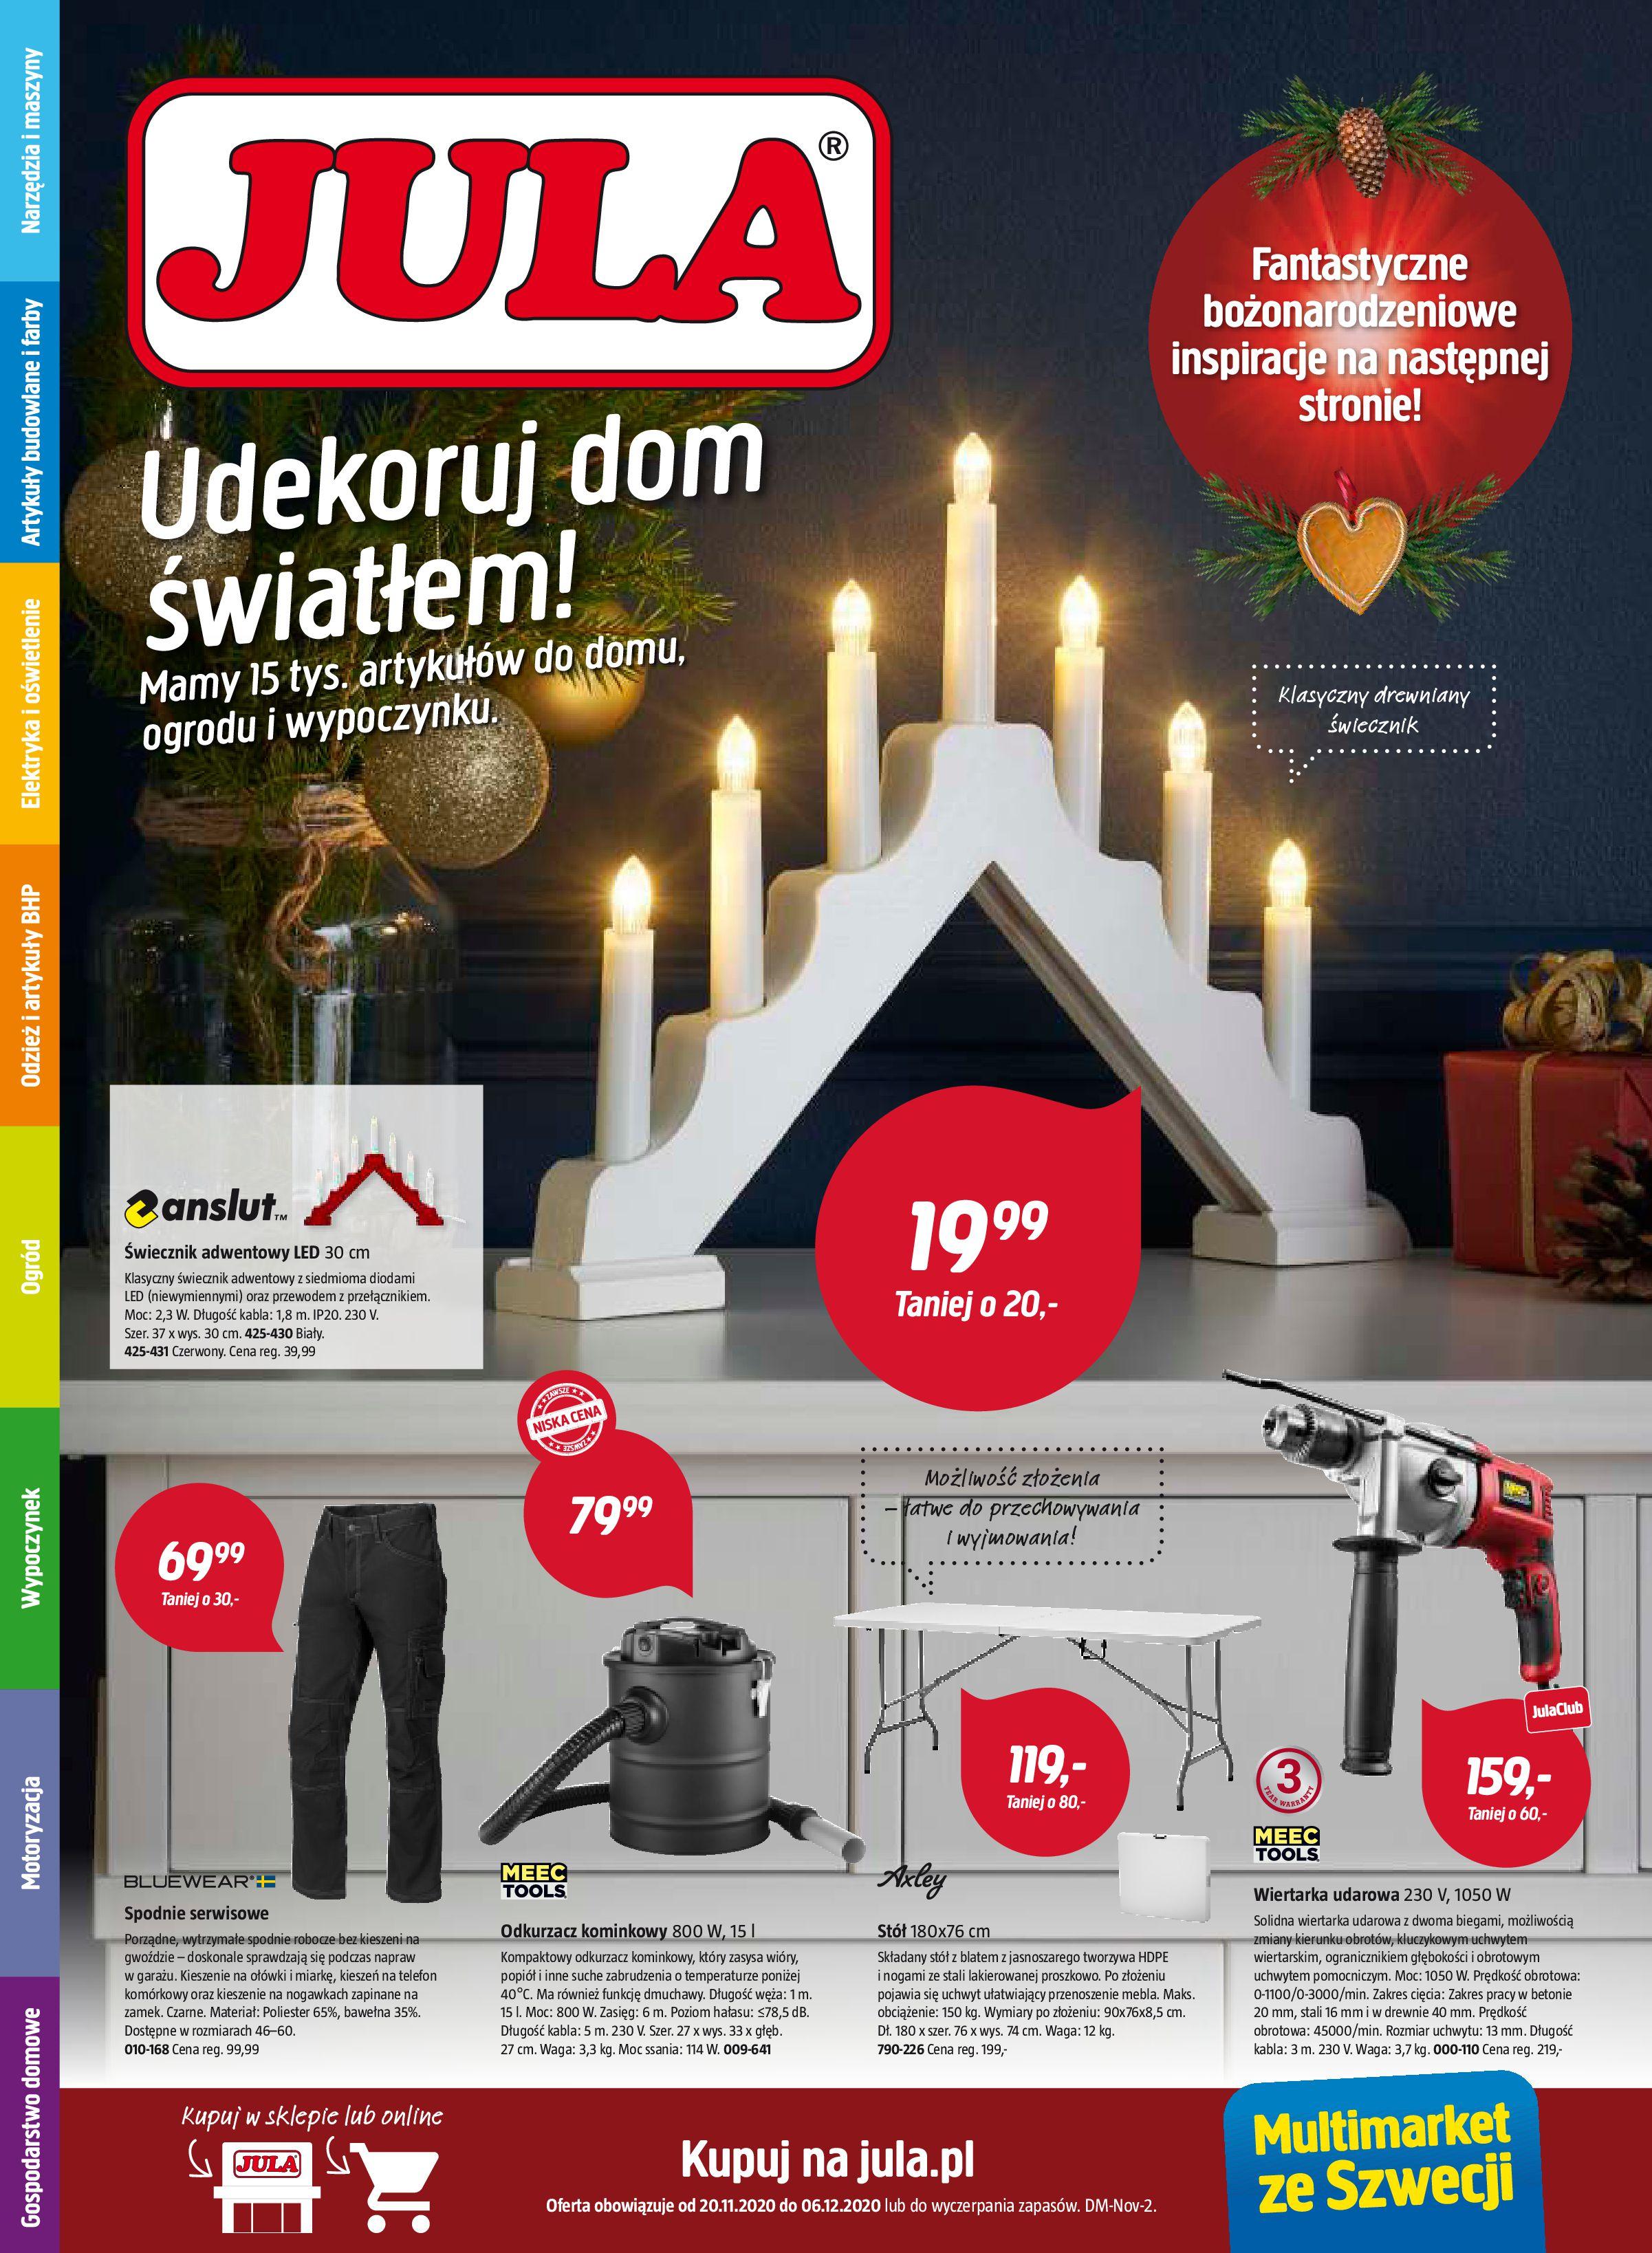 Gazetka Jula: udekoruj dom światłem 2020-11-21 page-1